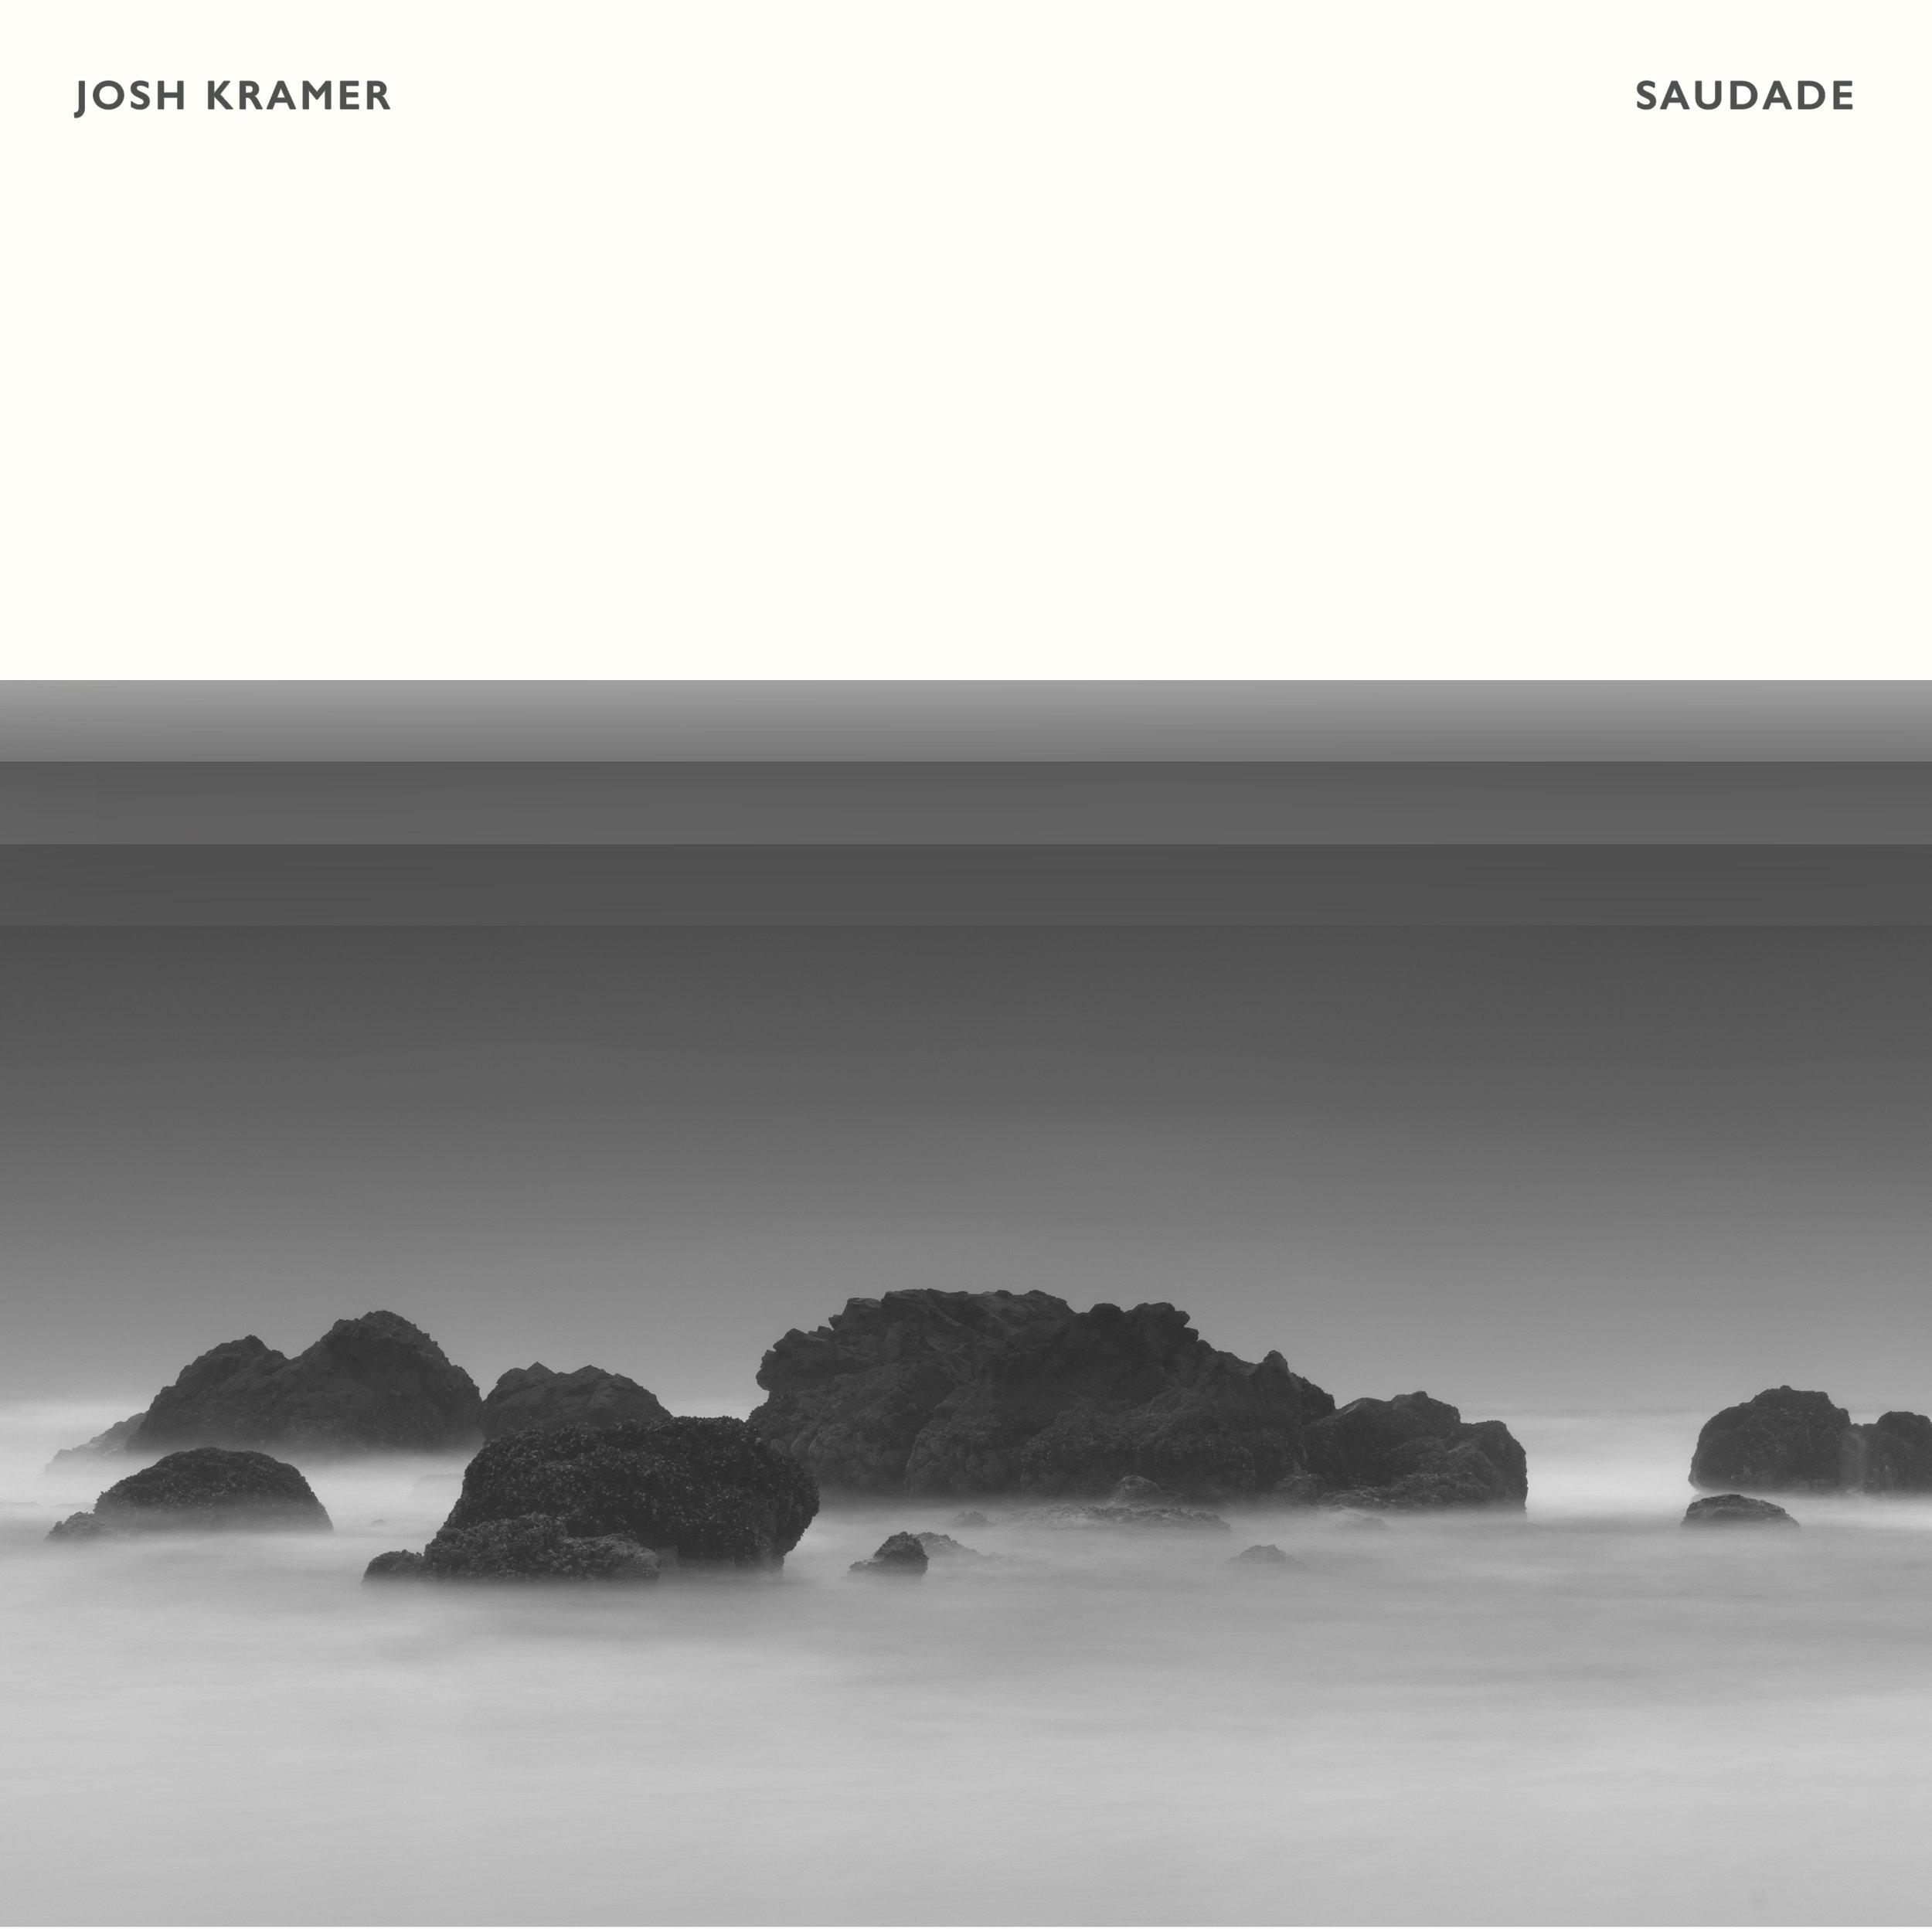 Josh Kramer - Saudade